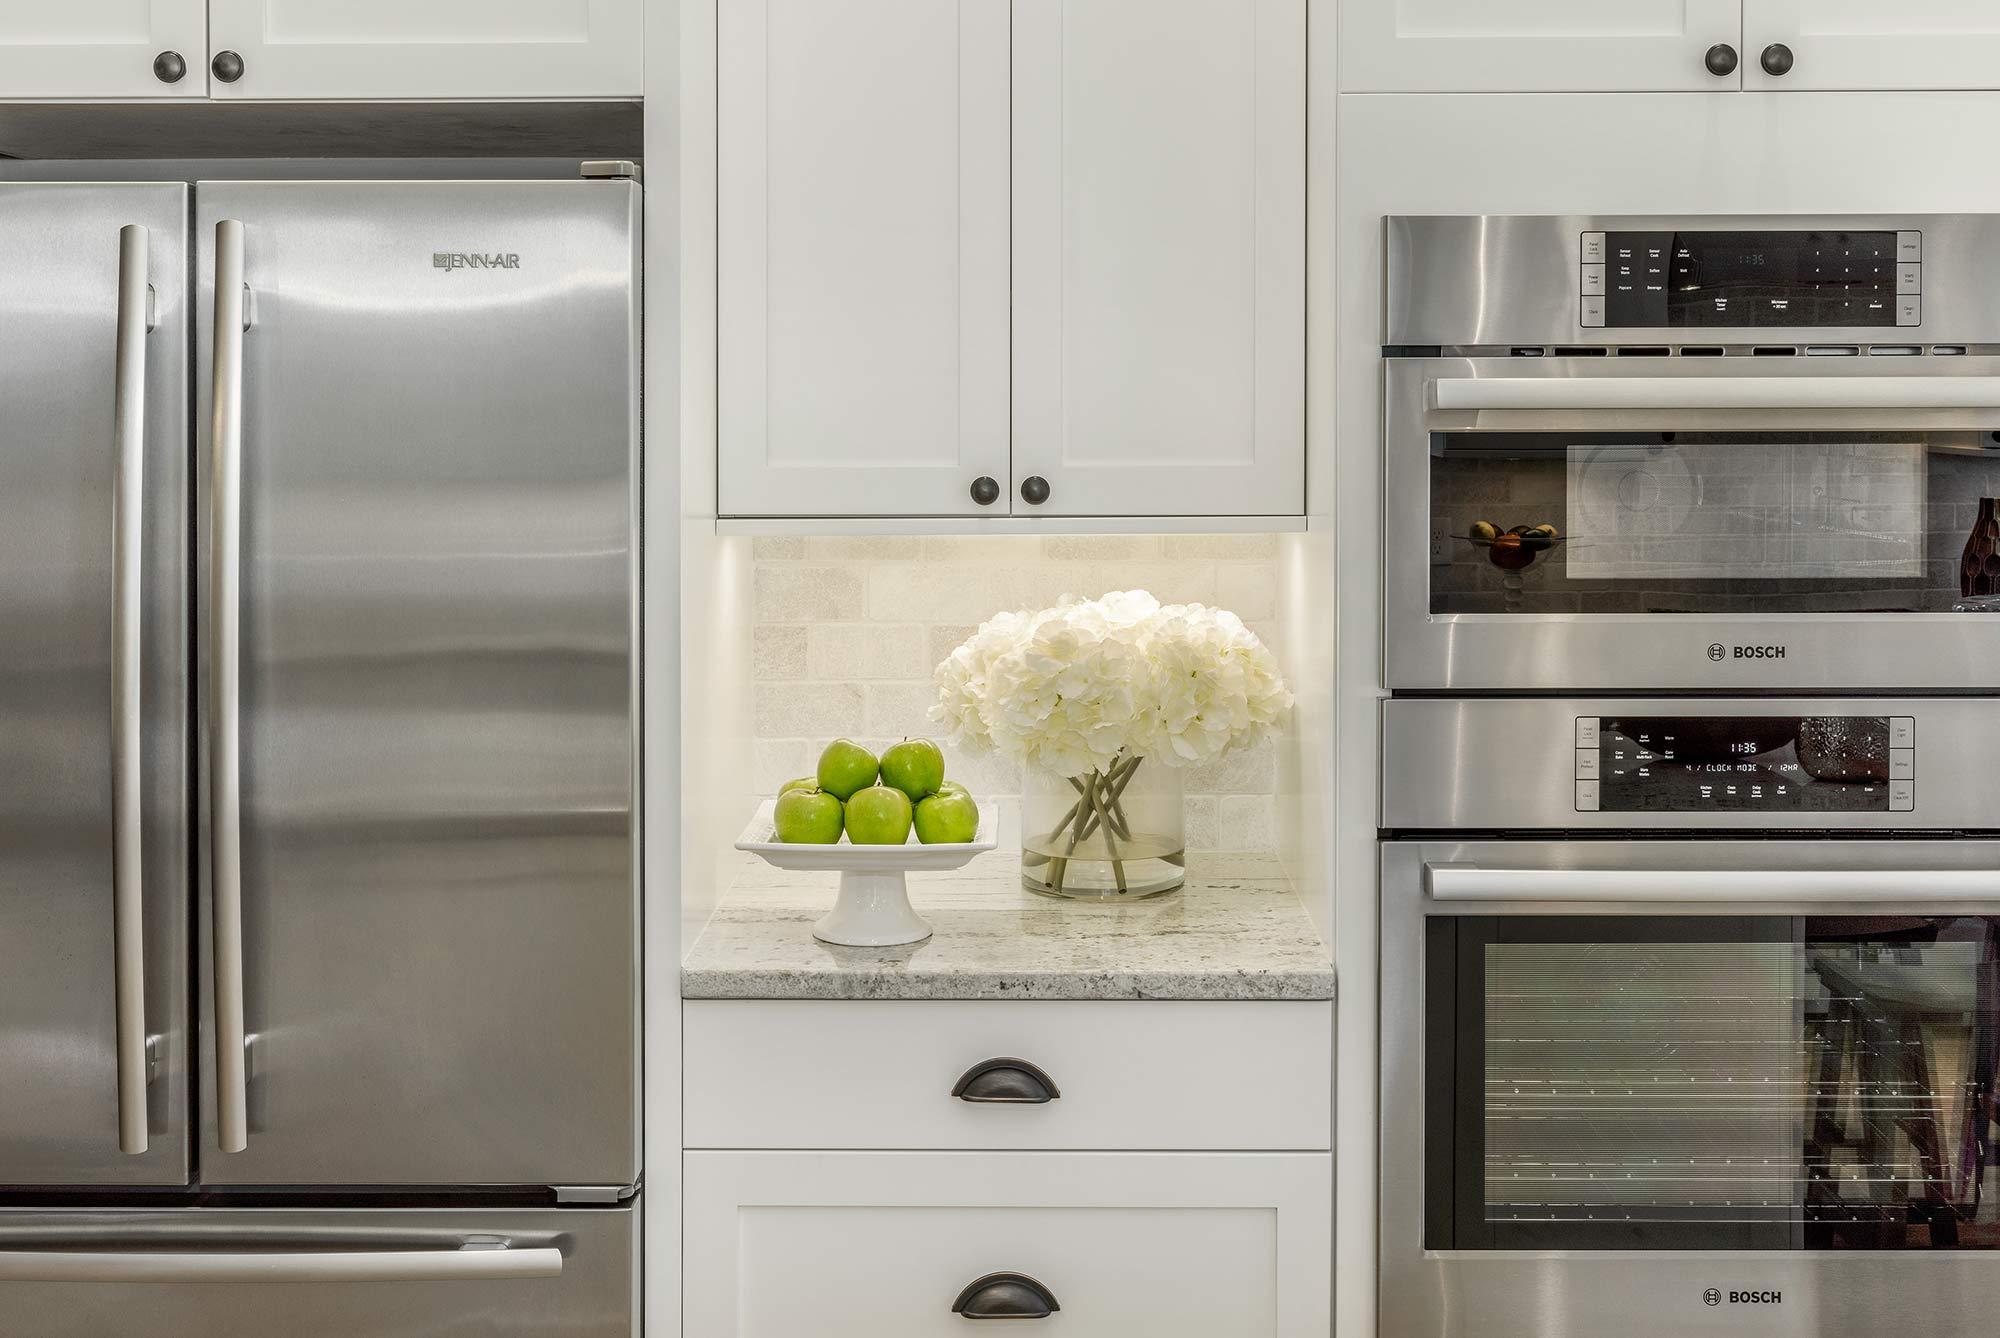 Duke Kitchen Appliances